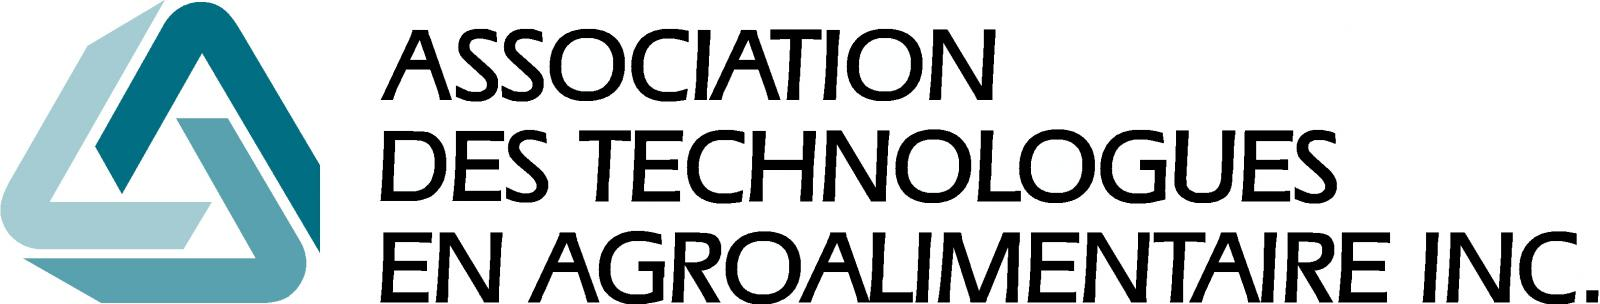 Association des technologues en agroalimentaire